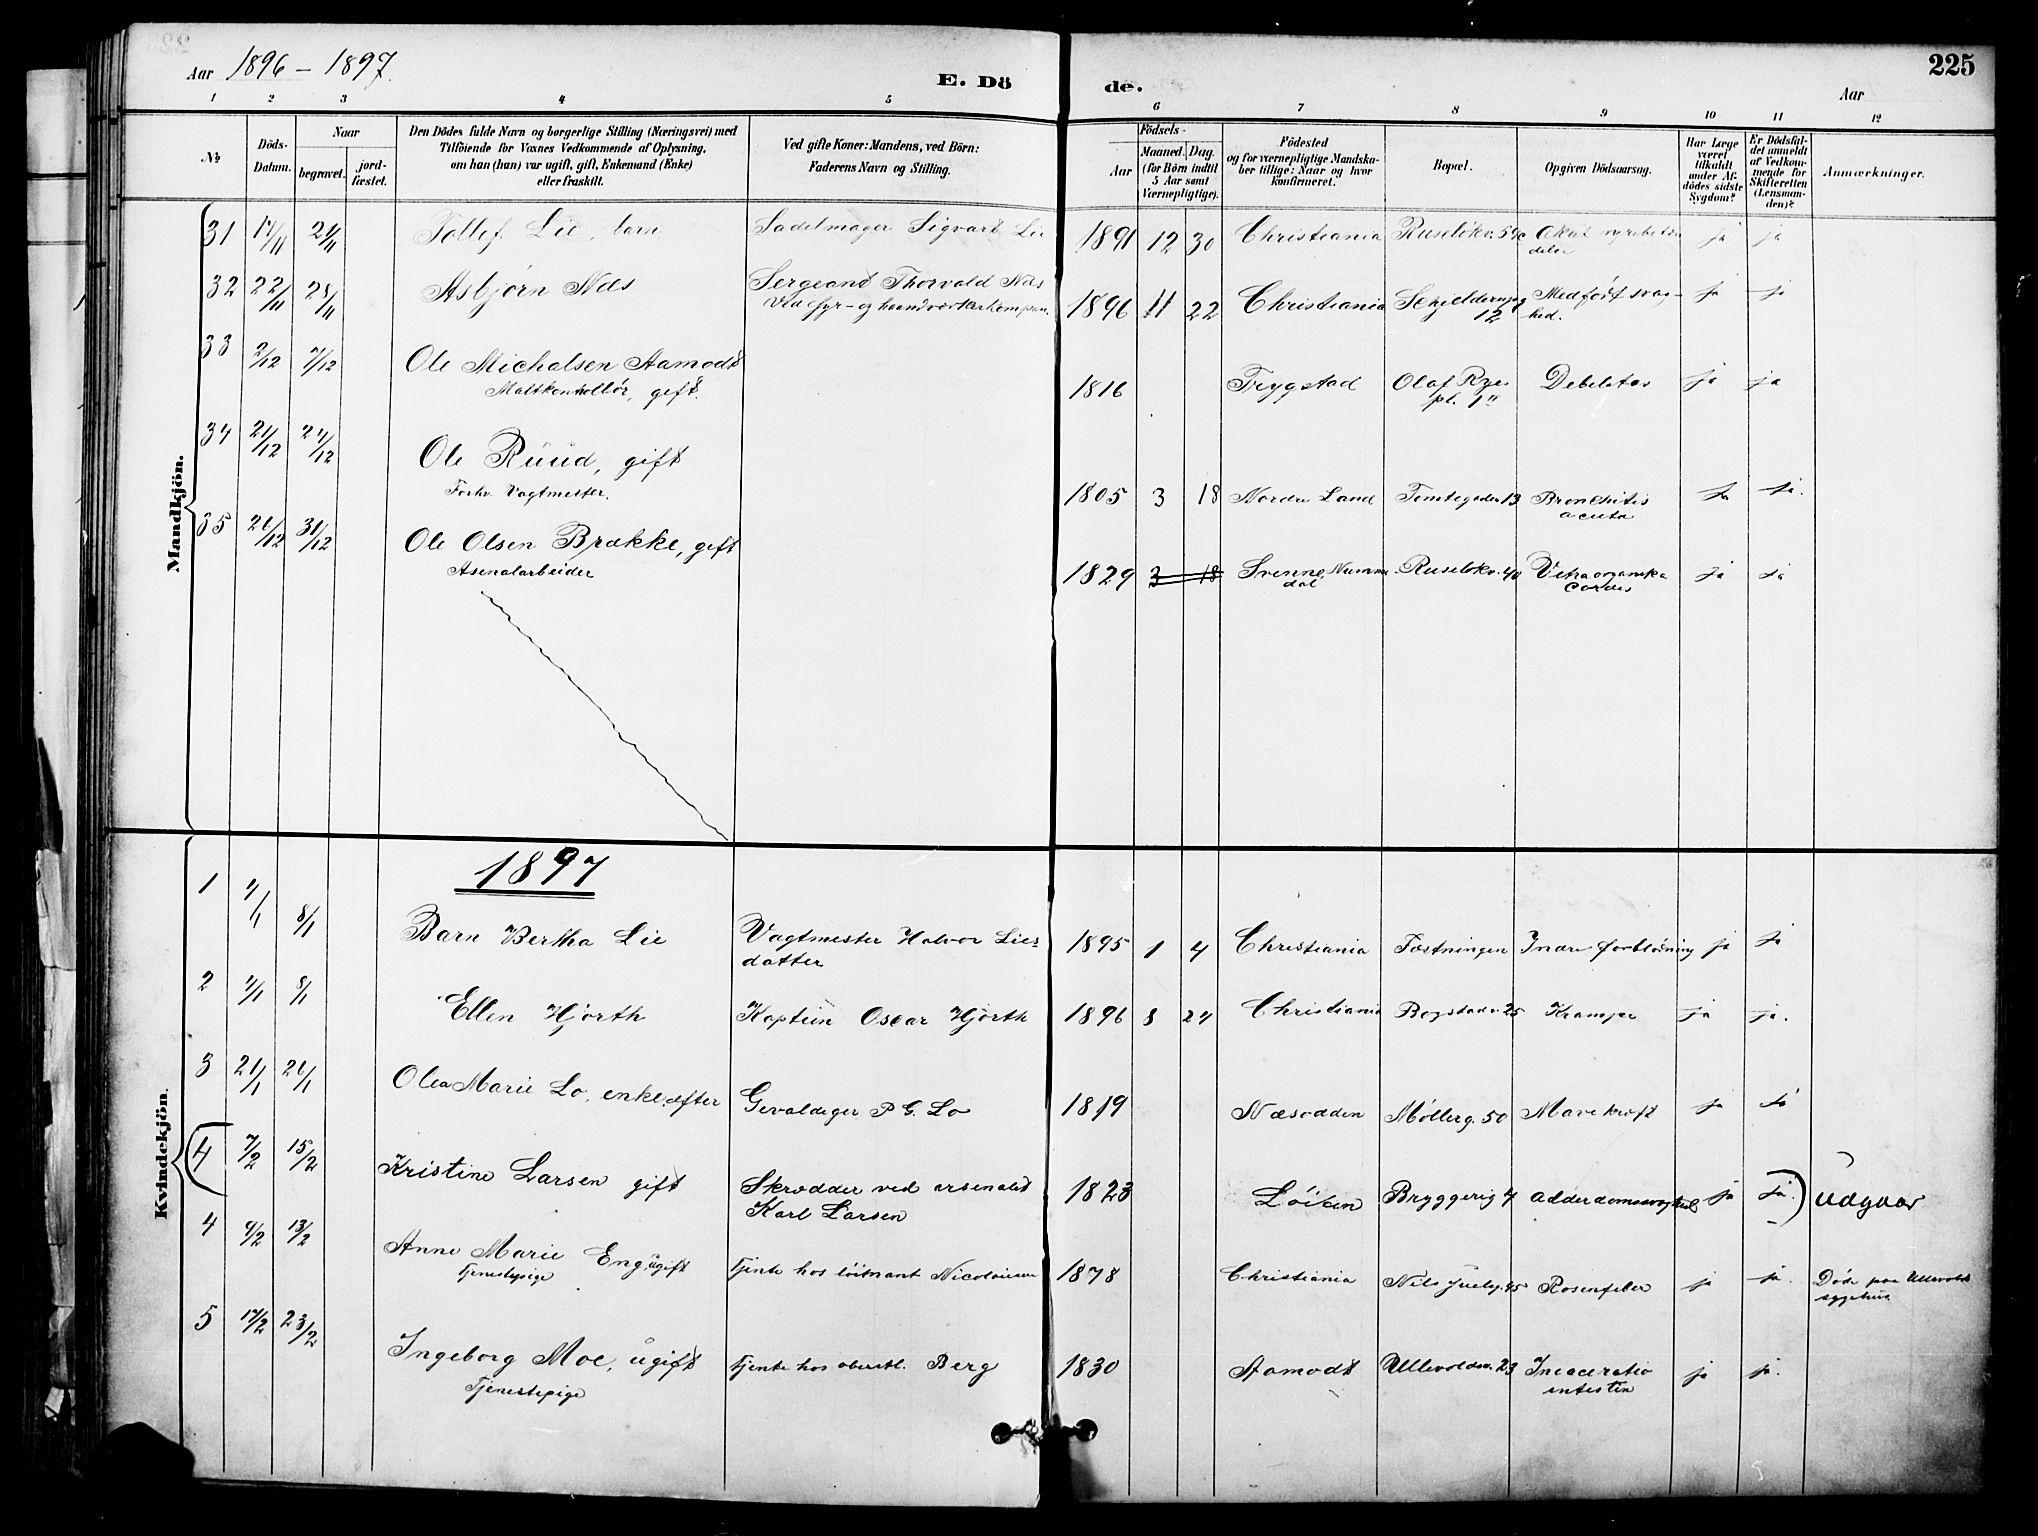 SAO, Garnisonsmenigheten Kirkebøker, F/Fa/L0013: Ministerialbok nr. 13, 1894-1904, s. 225